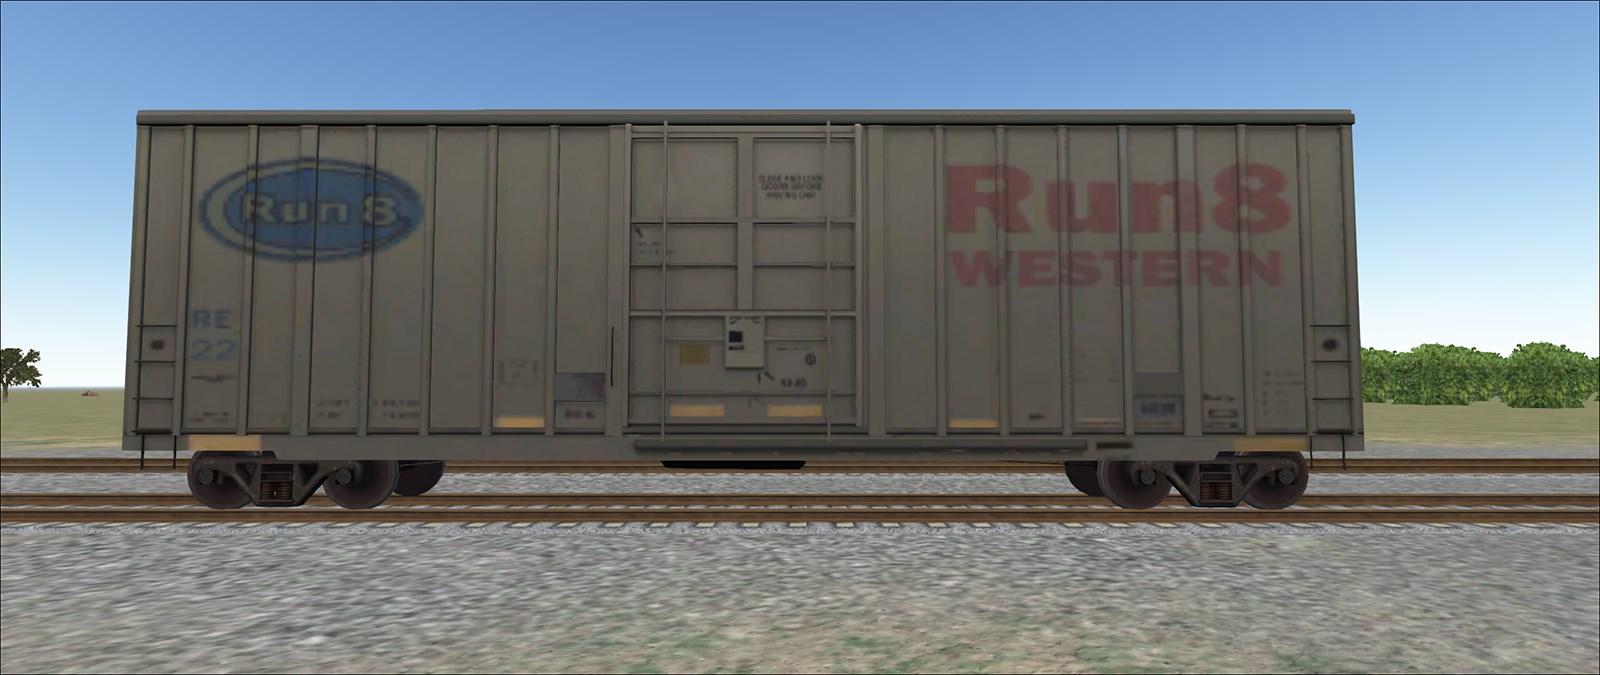 The Depot - A Run 8 Train Simulator Community